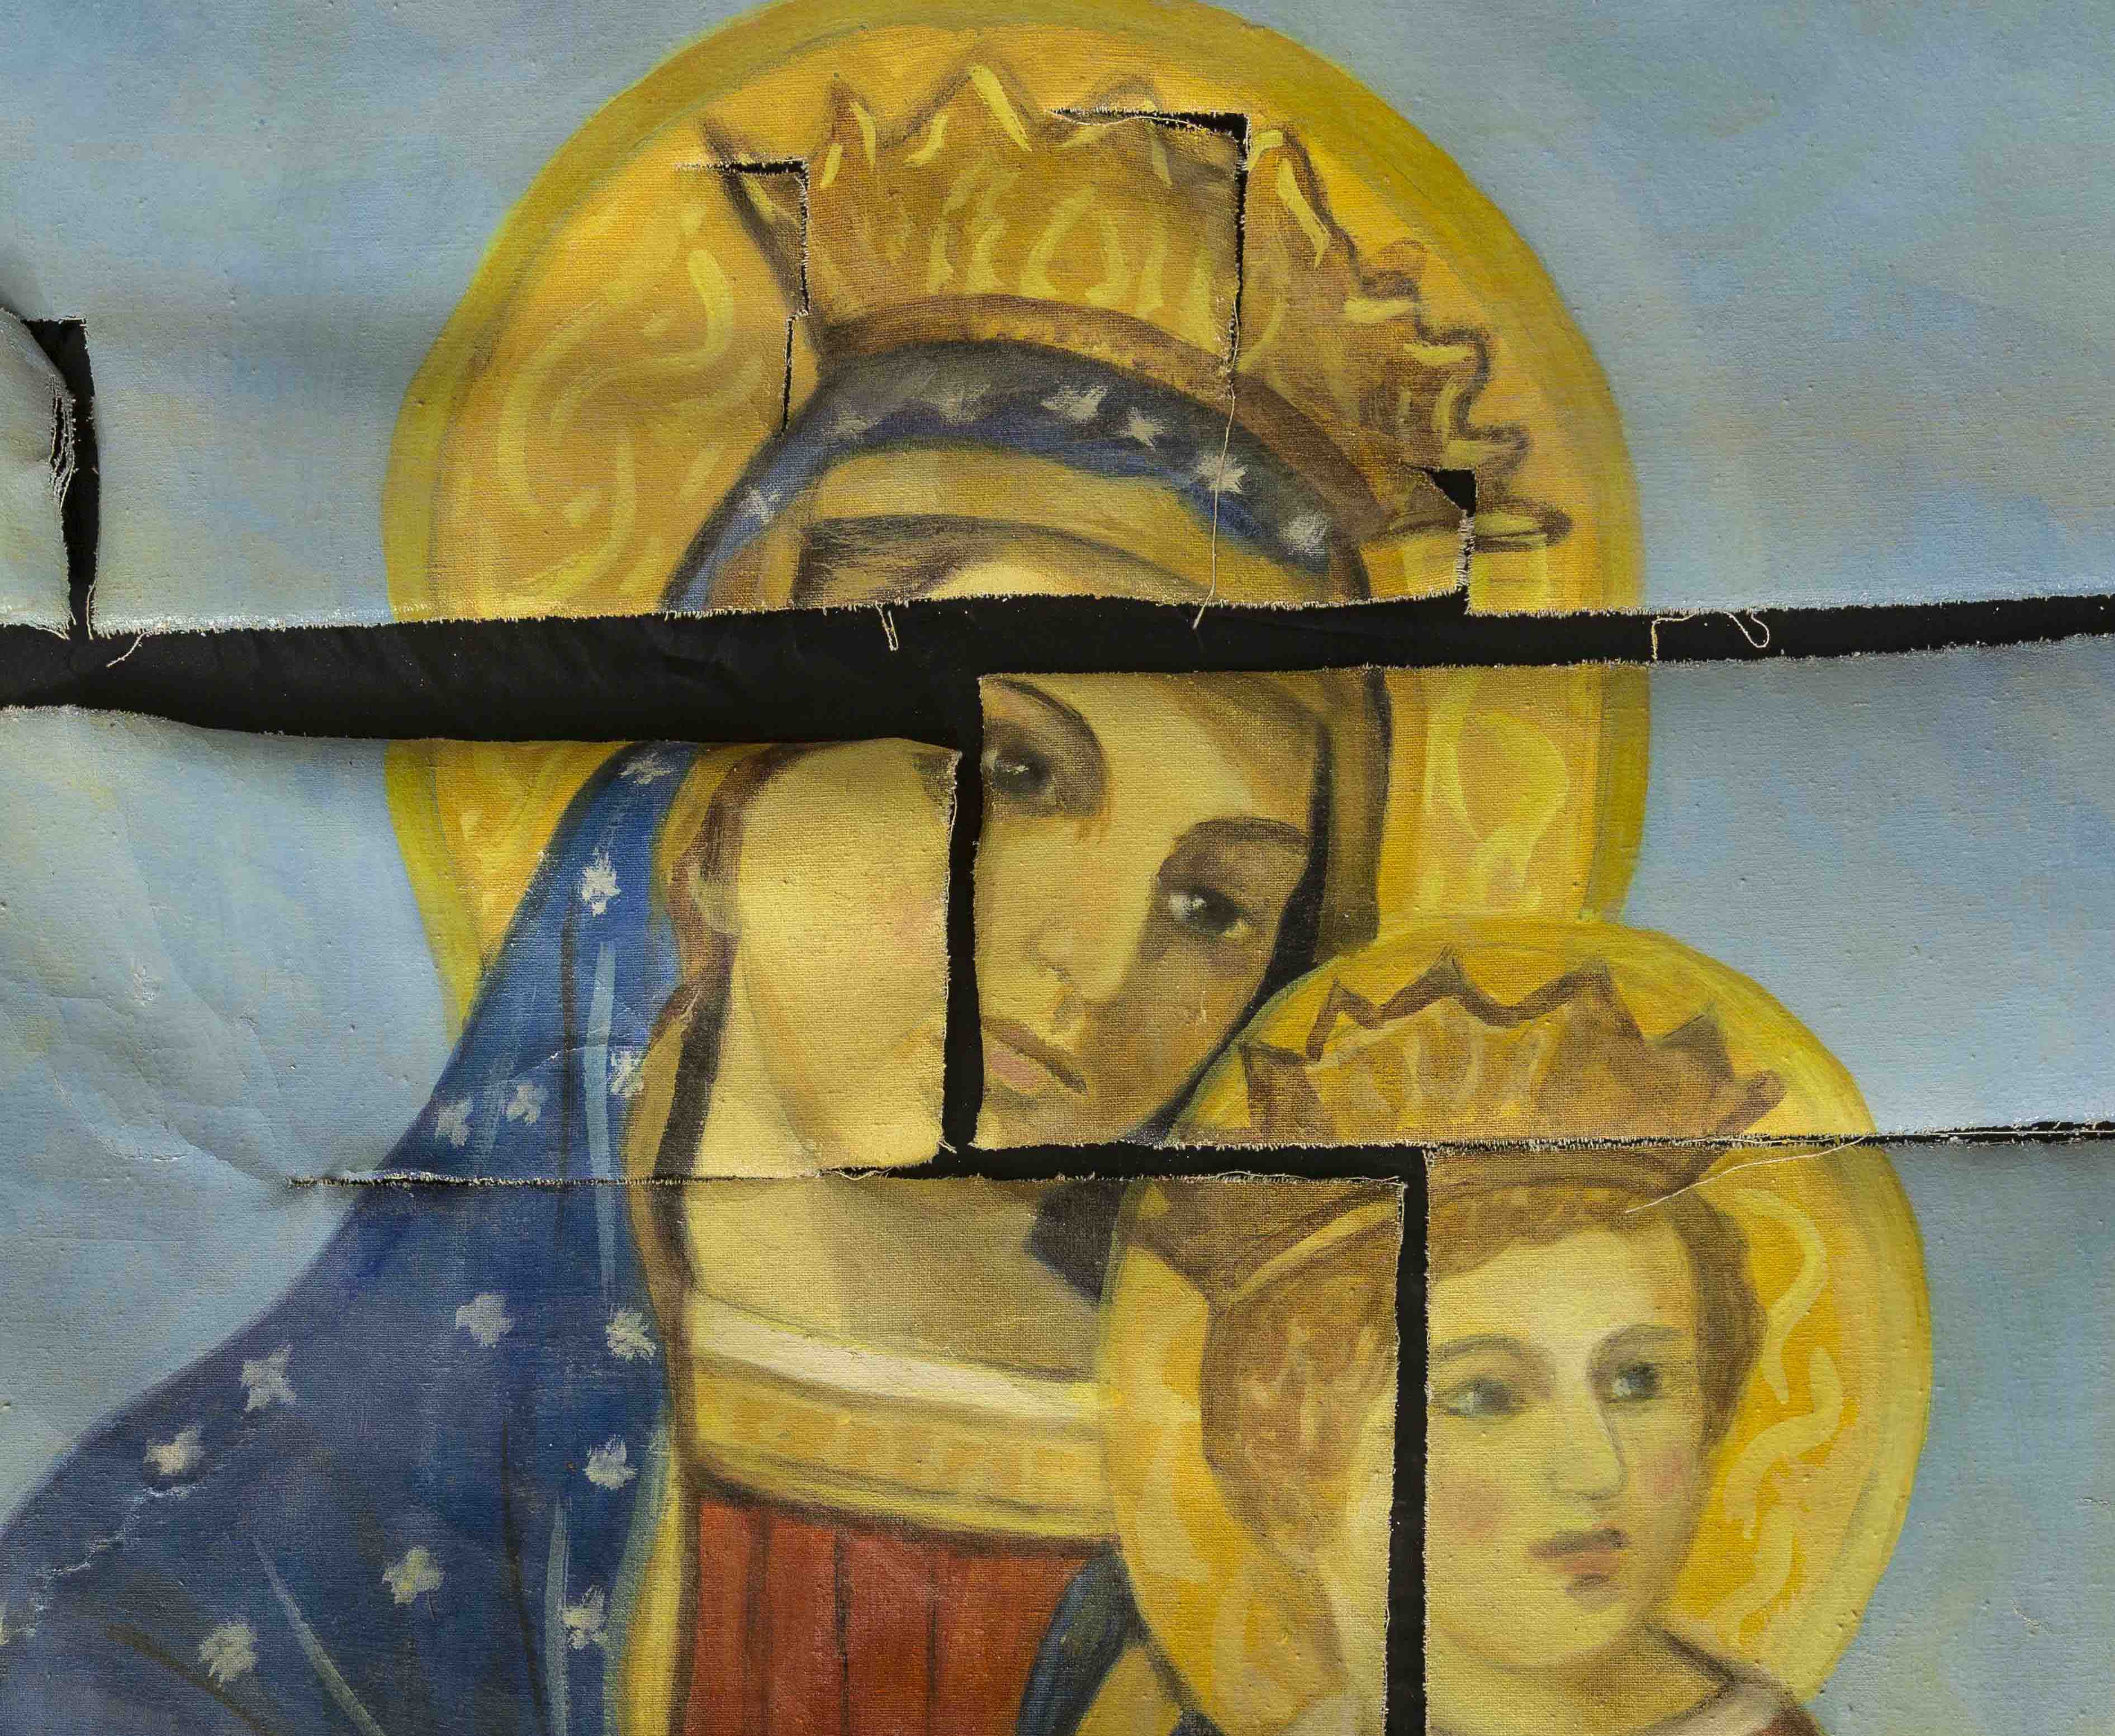 A venezia l artista che ha rammendato le opere d arte - Arte bagno veneta quarto d altino ...